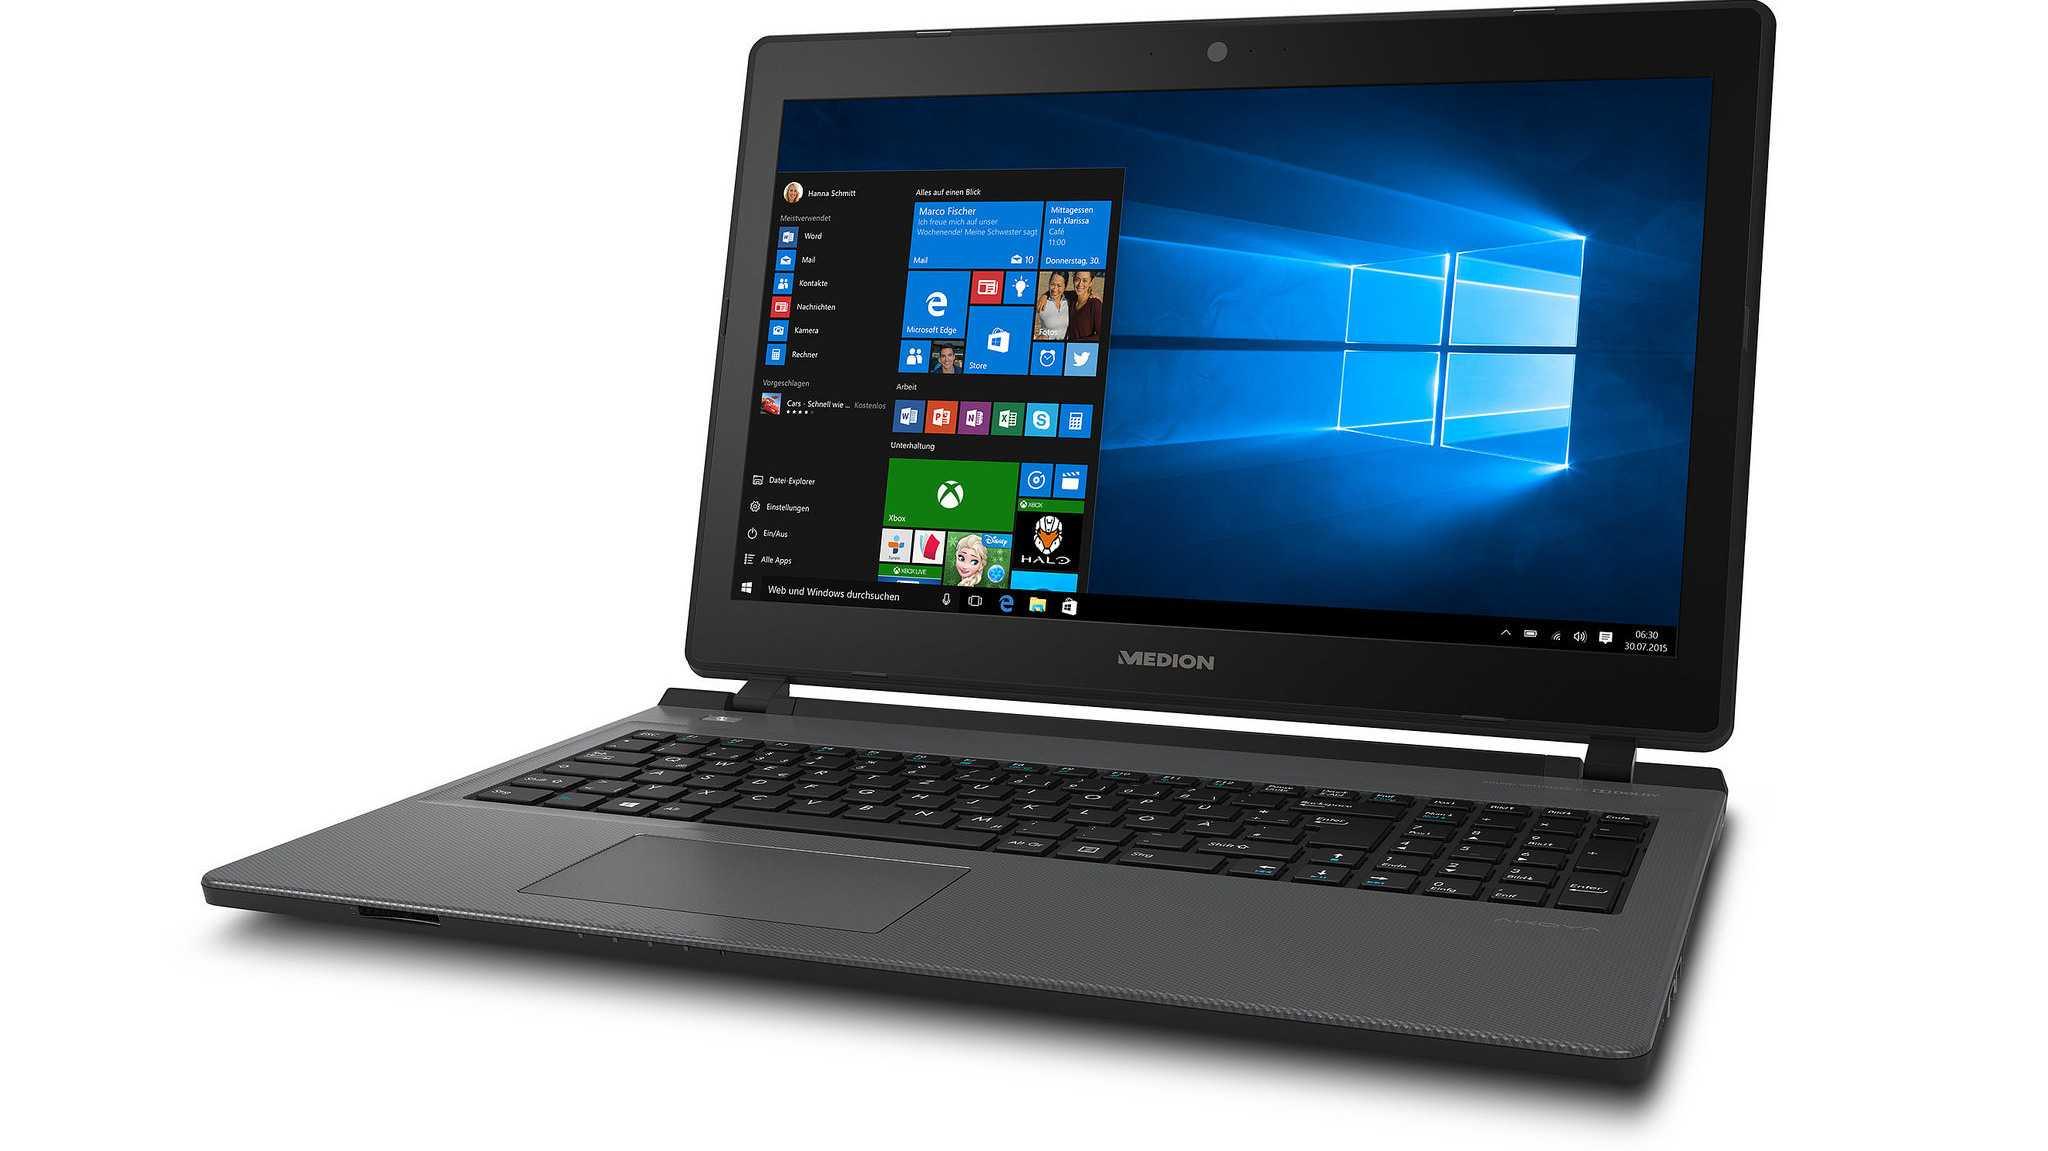 Akoya P6600: Vernünftig ausgestattetes 15-Zoll-Notebook für 600 Euro